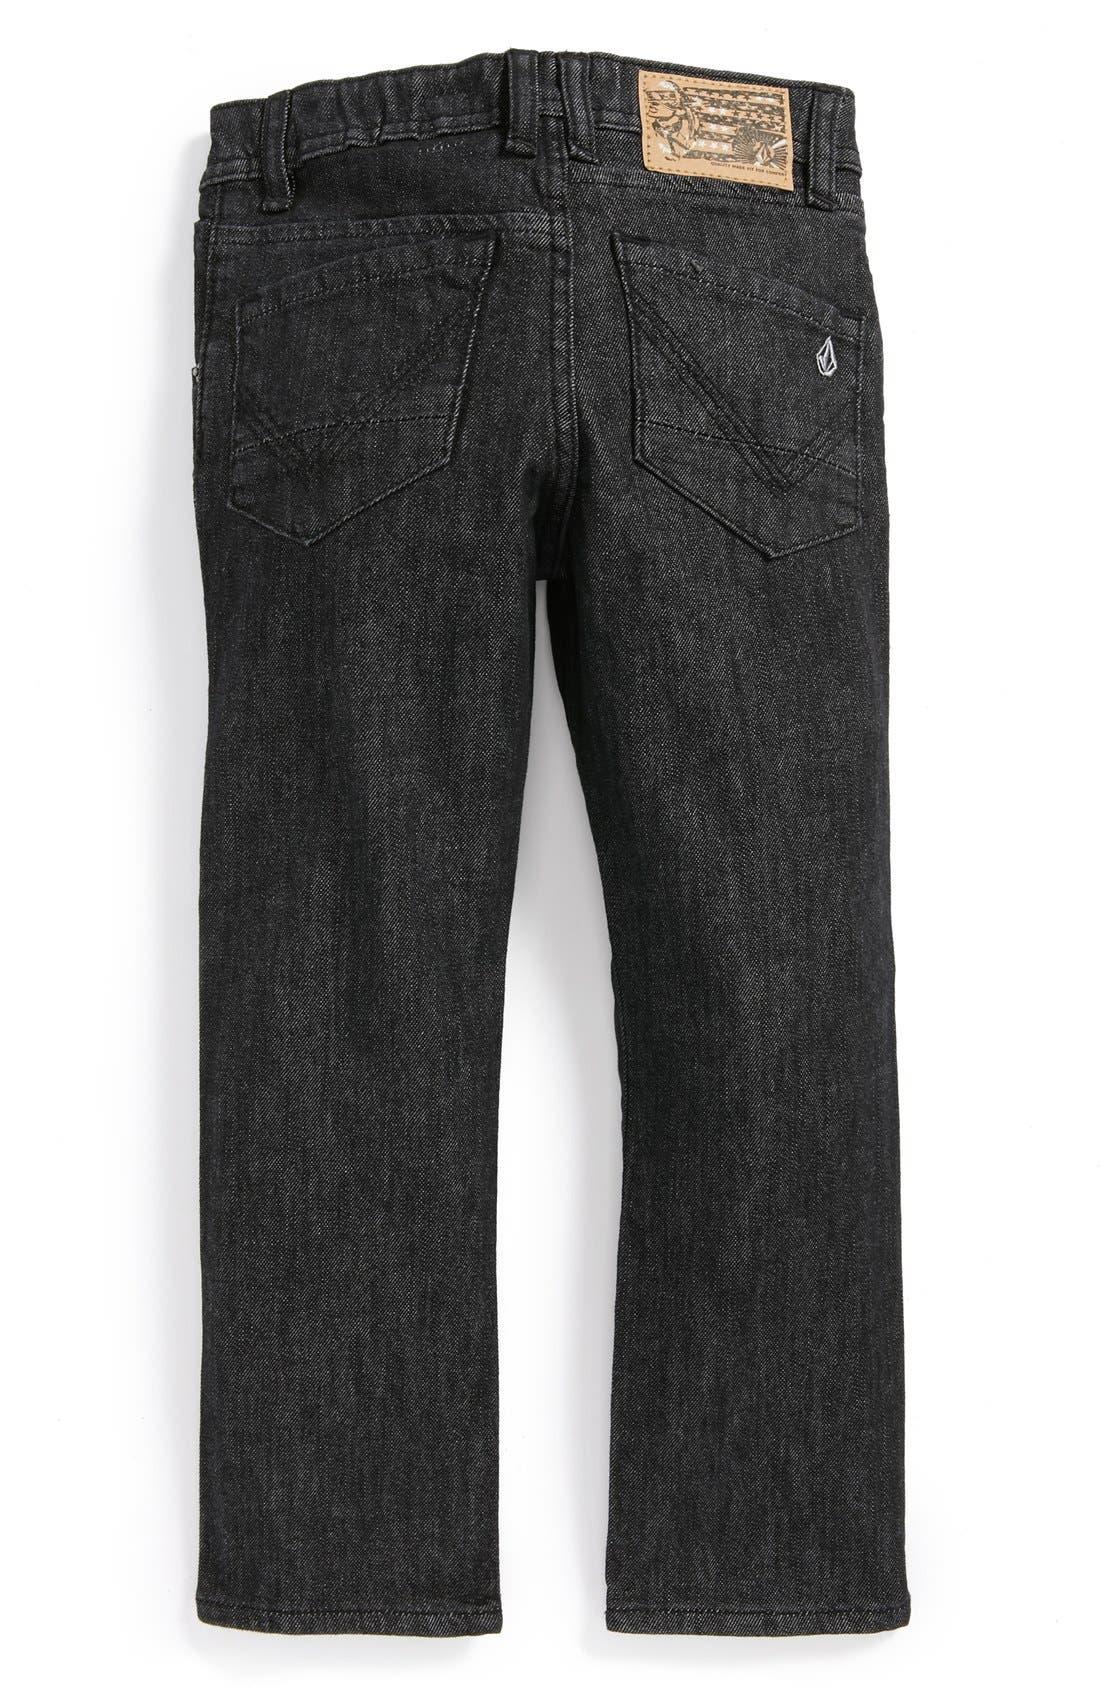 Alternate Image 1 Selected - Volcom 'Nova Little'  Modern Straight Leg Jeans (Little Boys)